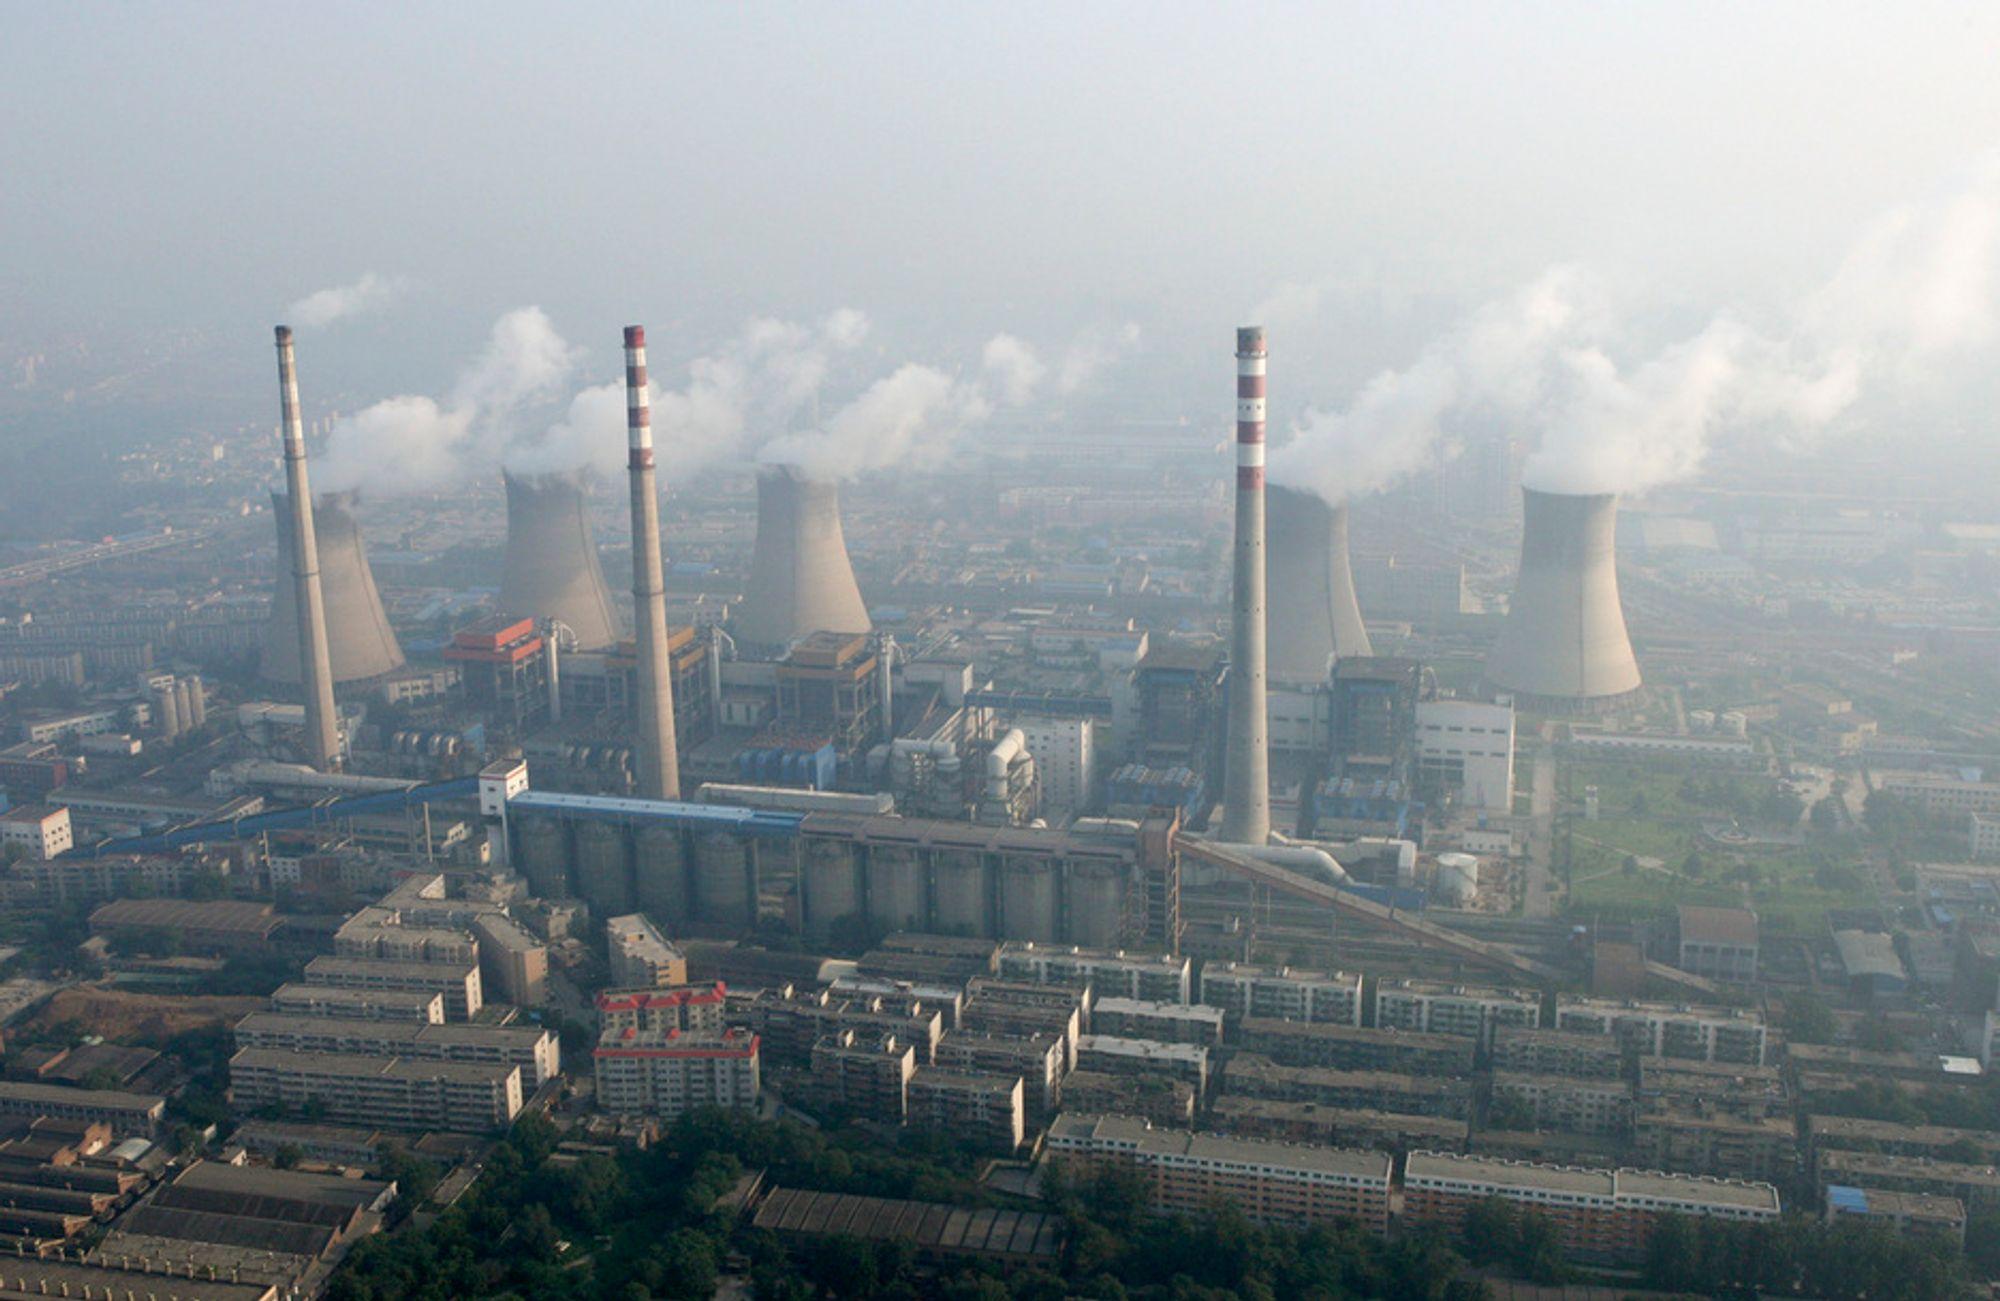 En ny granskingsrapport anbefaler en rekke endringer i organiseringen av FNs klimapanel. Men den setter ikke spørsmålstegn ved panelets hovedkonklusjon: At utslipp av klimagasser, blant annet fra kraftverk, høyst sannsynlig har ført til global oppvarming.